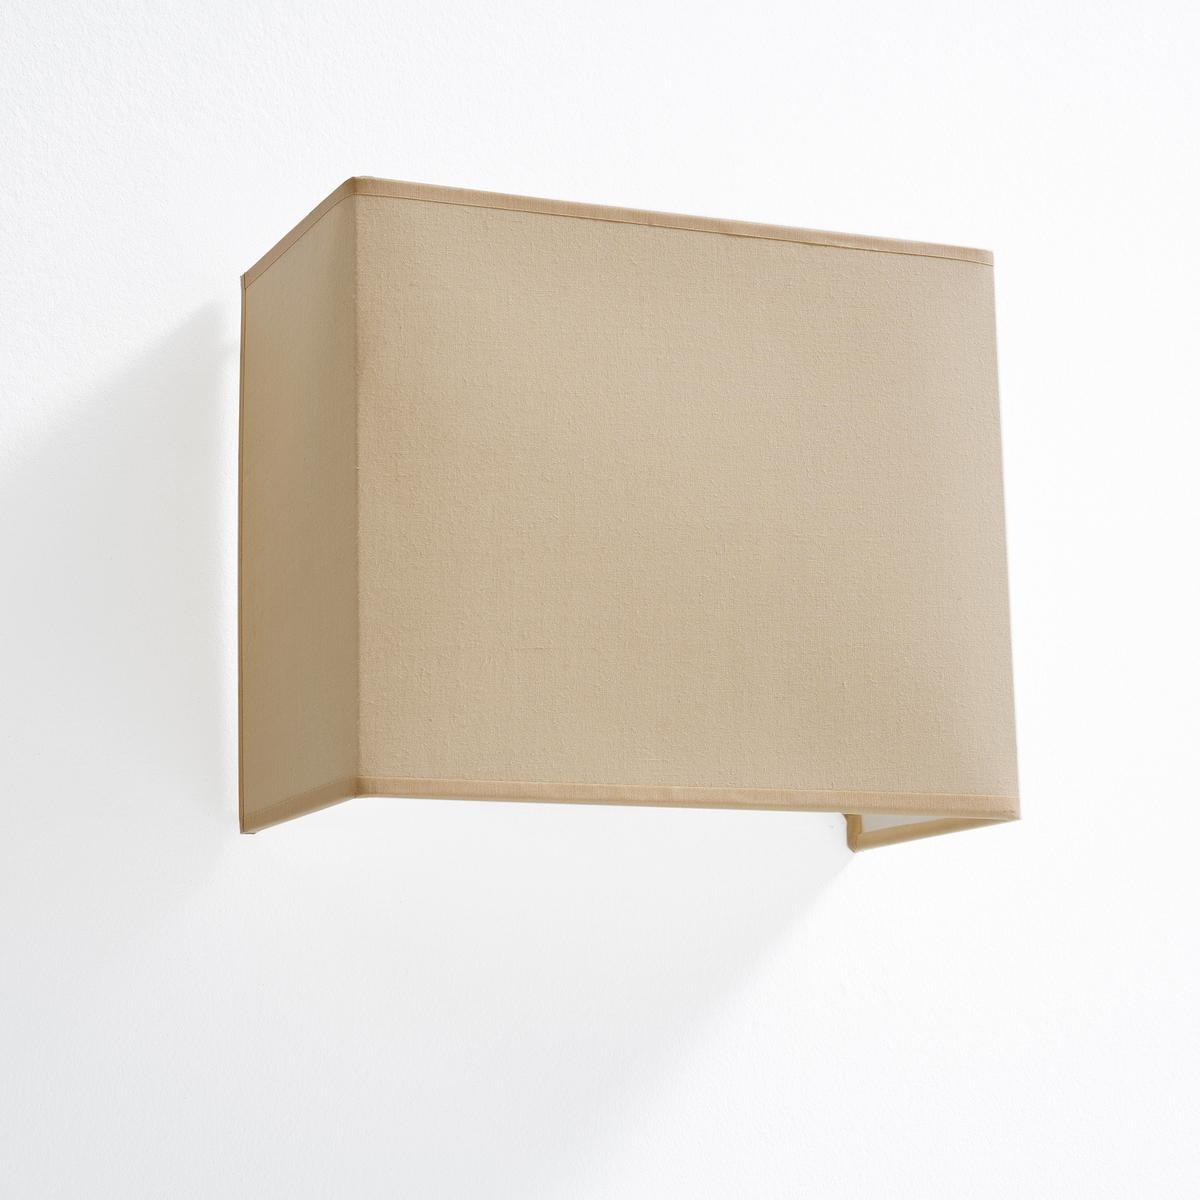 Абажур для светильника, SioКрасивый и оригинальный абажур Sio в строгом и элегантном дизайне.Производство: Франция.Описание абажура, SioАбажур прямоугольной формы Патрон E27 для лампочки 40 Вт (не входит в комплект) .Неэлектрифицированный.Характеристики абажура, SioАбажур 100% хлопок .Нашу коллекцию абажуров Вы найдете на сайте laredoute.ru.Размеры абажура, SioШирина : 24 см.Высота : 20 смГлубина : 12 см.<br><br>Цвет: бледно-зеленый,горчичный,серо-бежевый,темно-серый<br>Размер: единый размер.единый размер.единый размер.единый размер